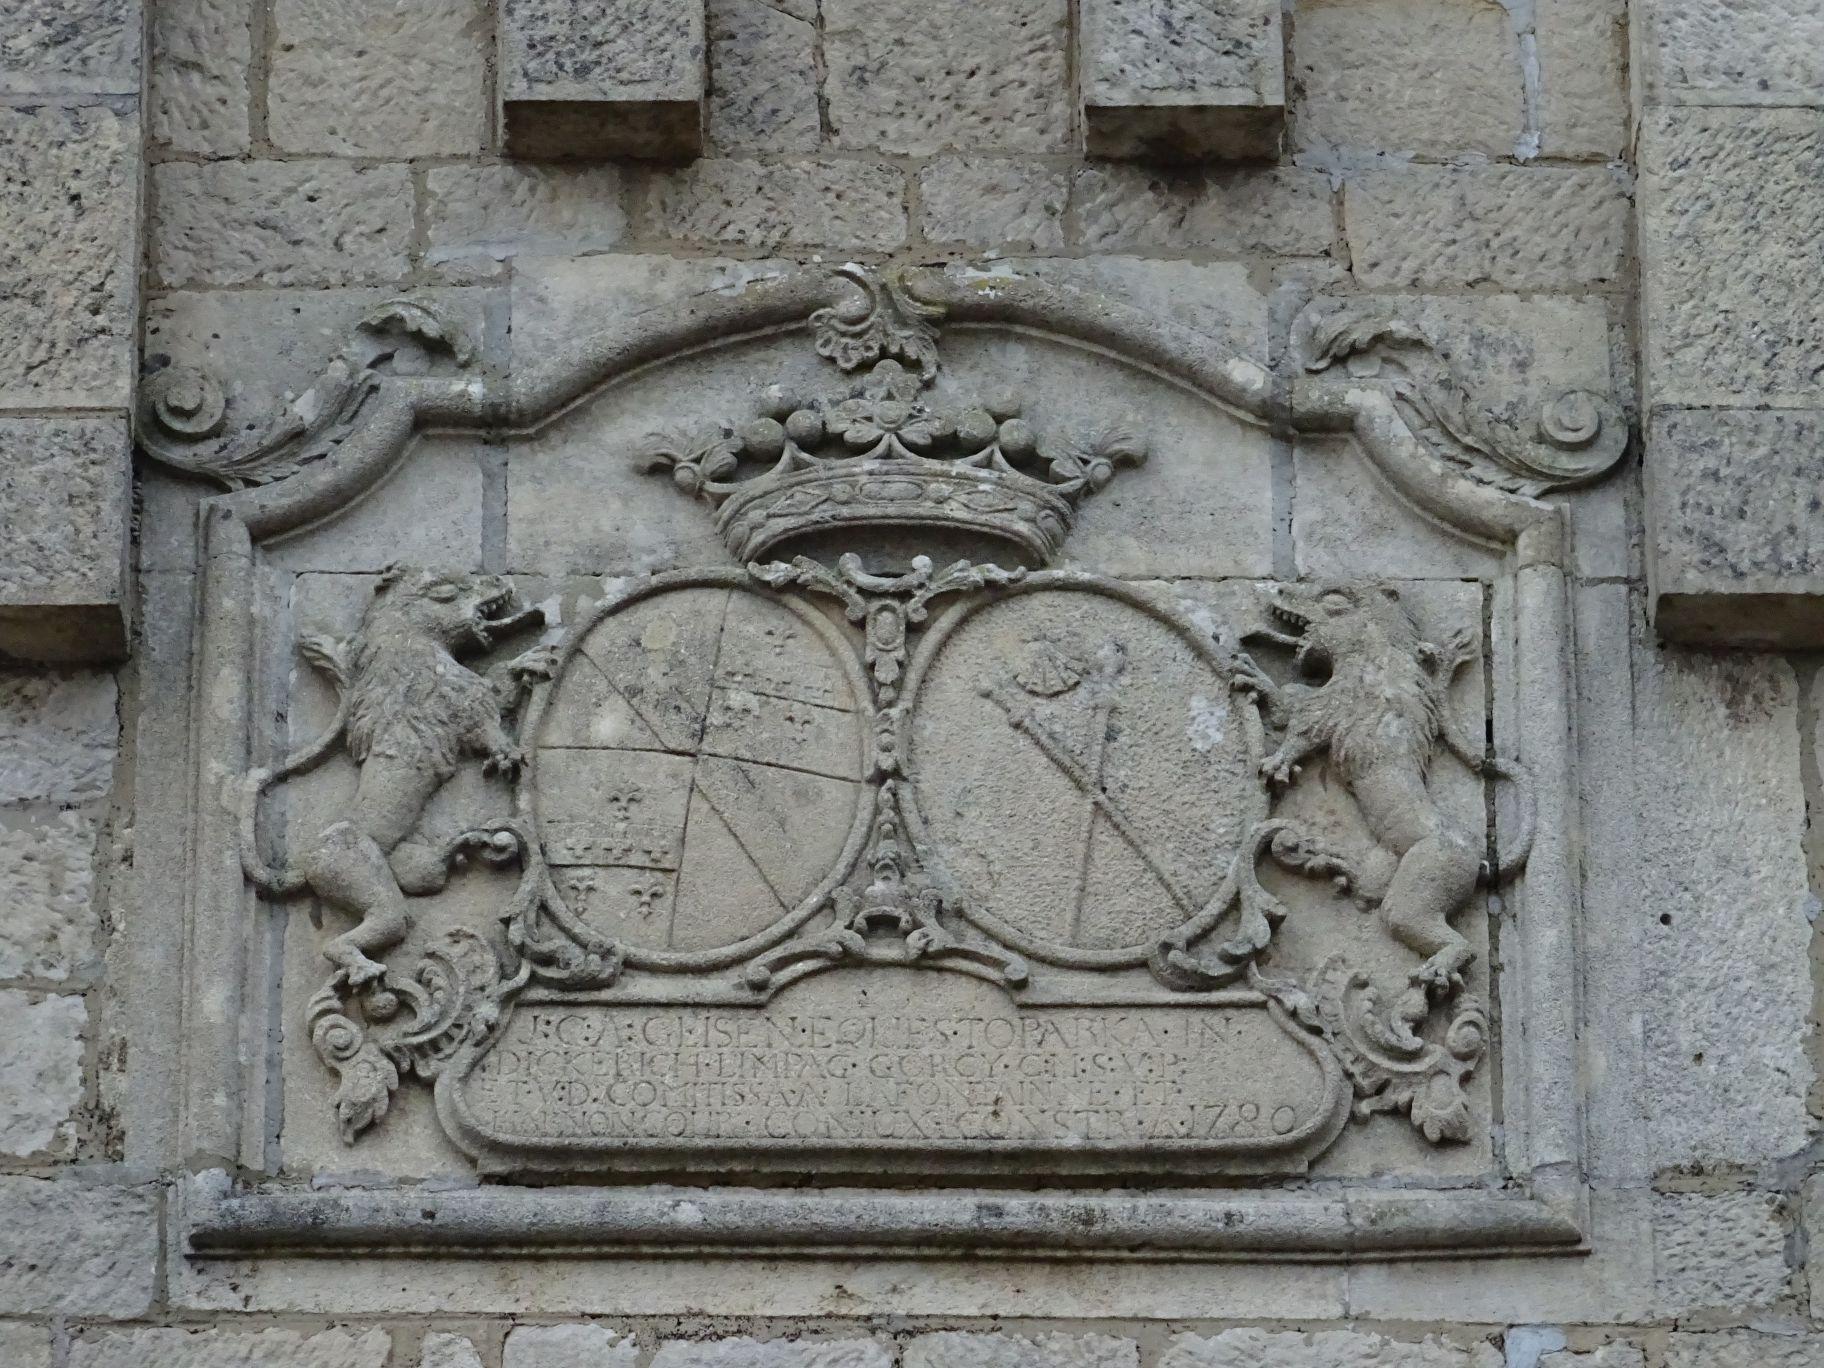 Wappen an der Kirche von Limpach